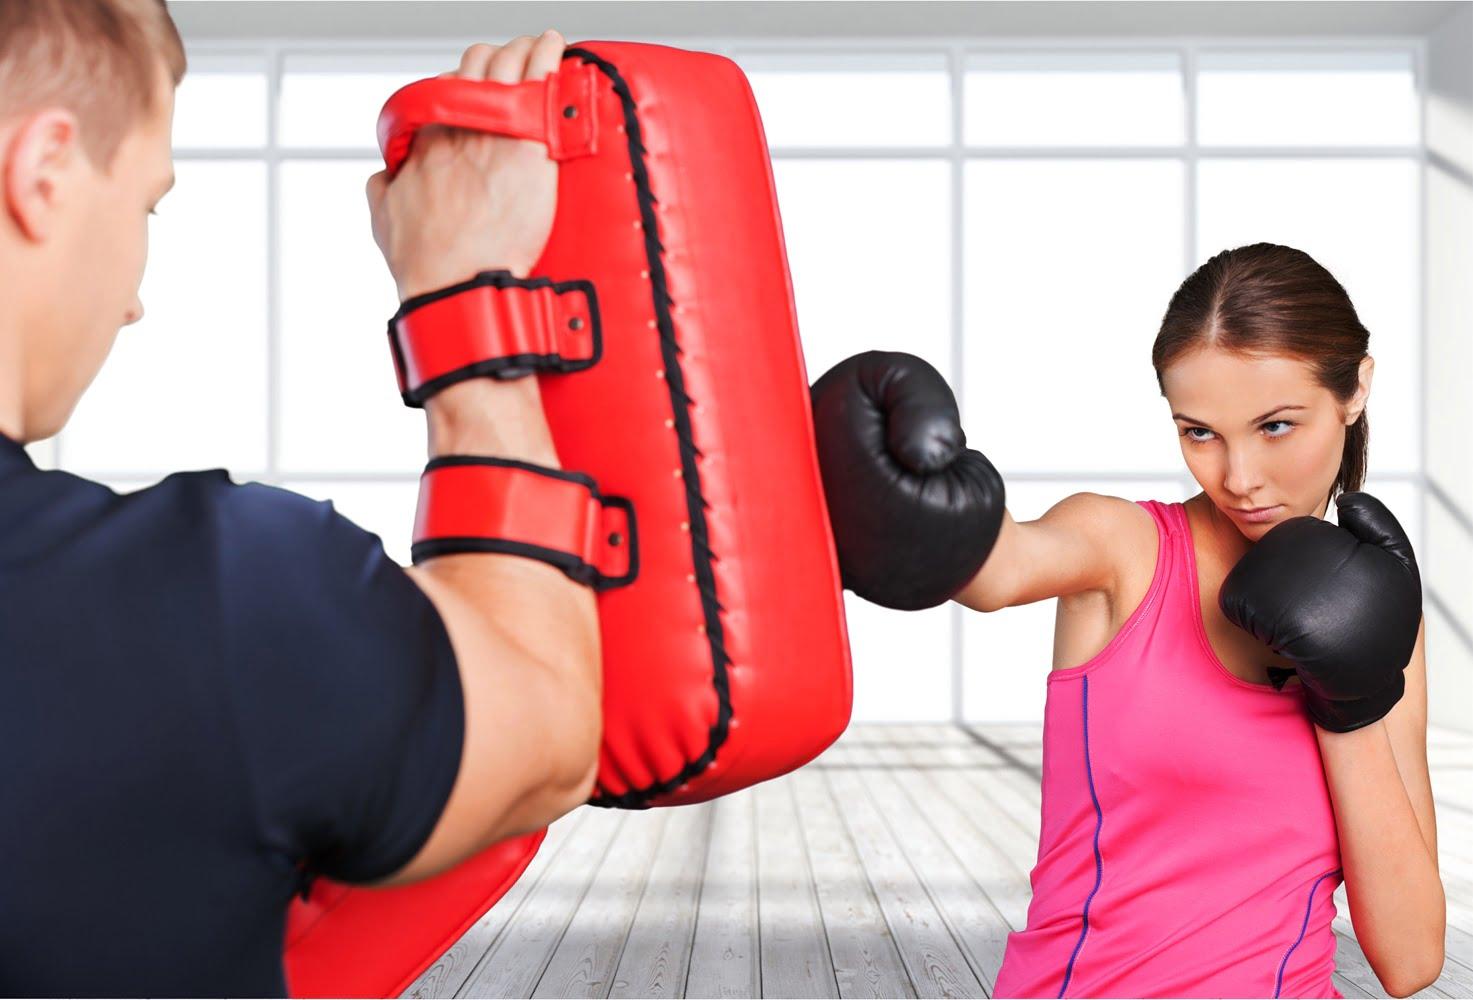 Versicherungschutz für Selbstverteidigungs-Trainer